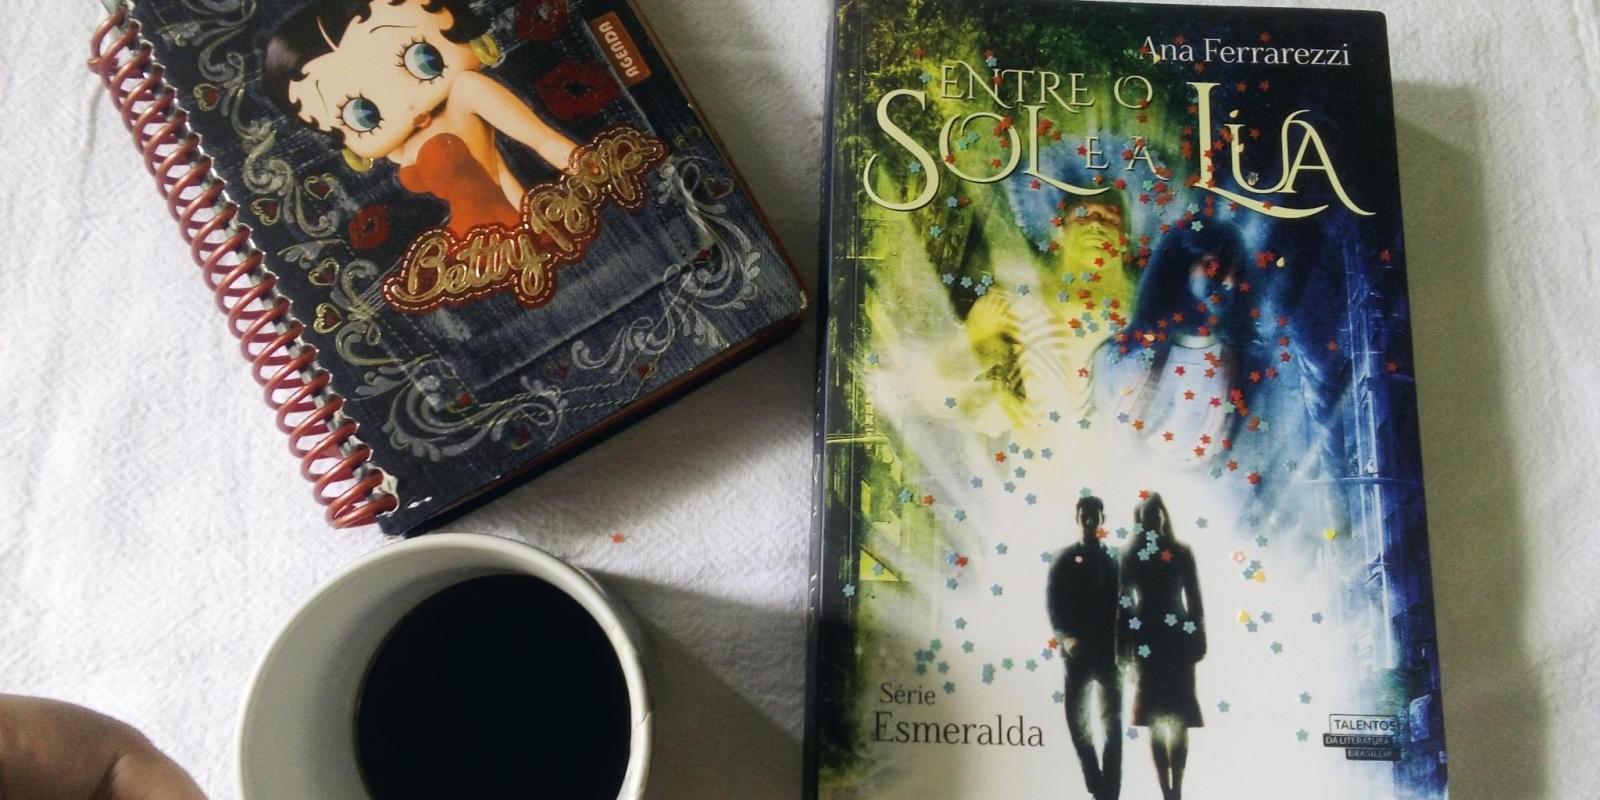 [Entre o Sol e a Lua - Série Esmeralda / Ana Ferrarezzi]